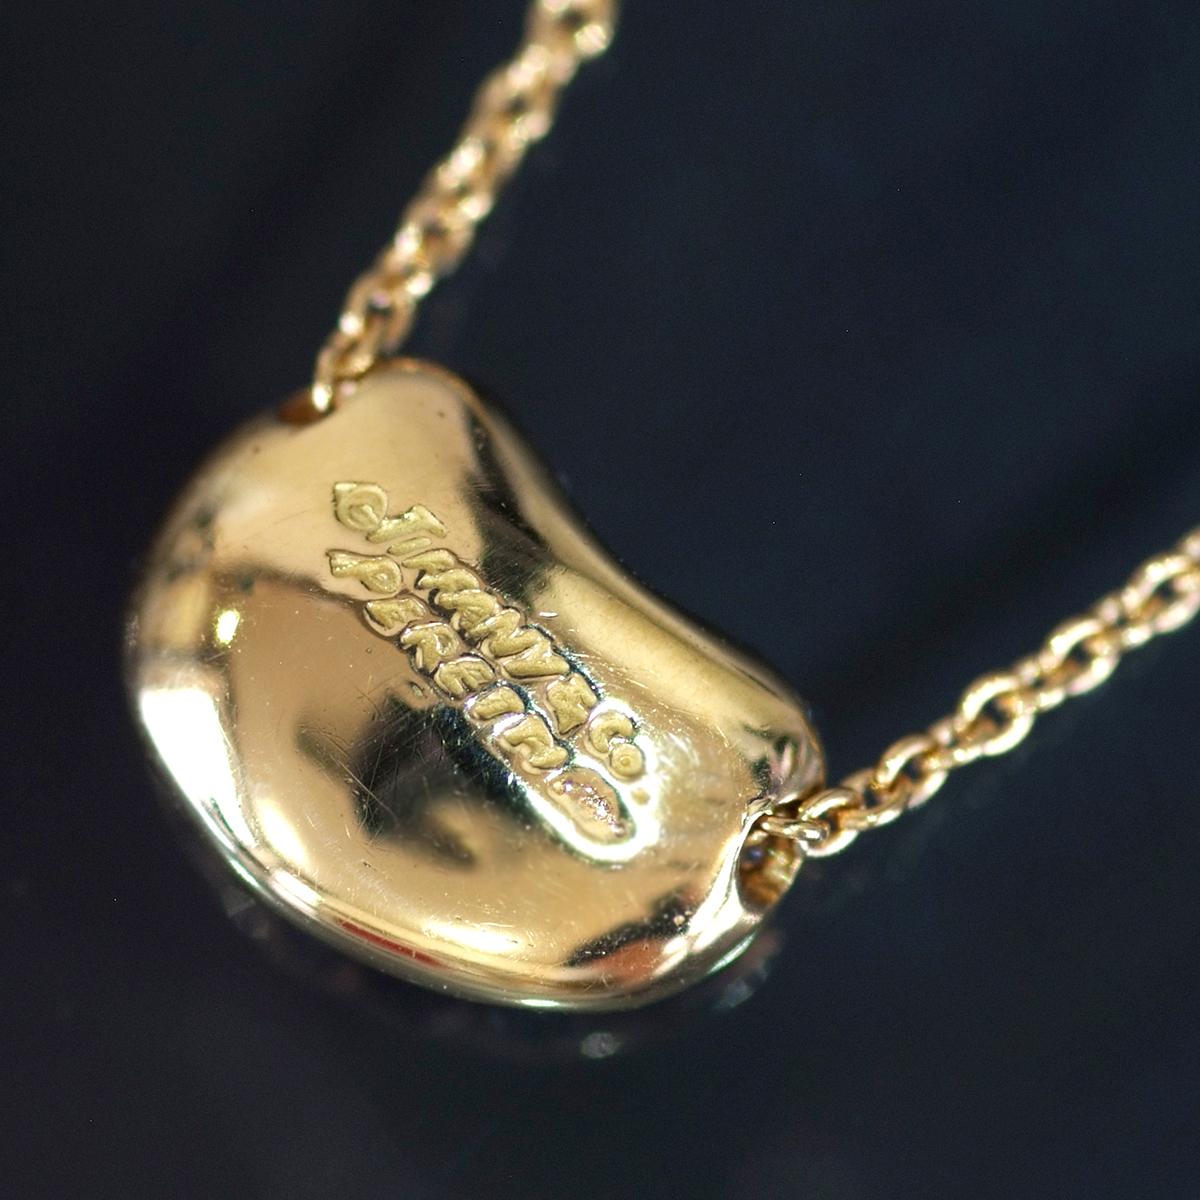 E8903【TIFFANY&Co.】ティファニー ビーン 天然絶品ダイヤモンド 最高級18金無垢ネックレス 長さ40.5cm 重量3.06g 幅7.7×10.7mm_画像2